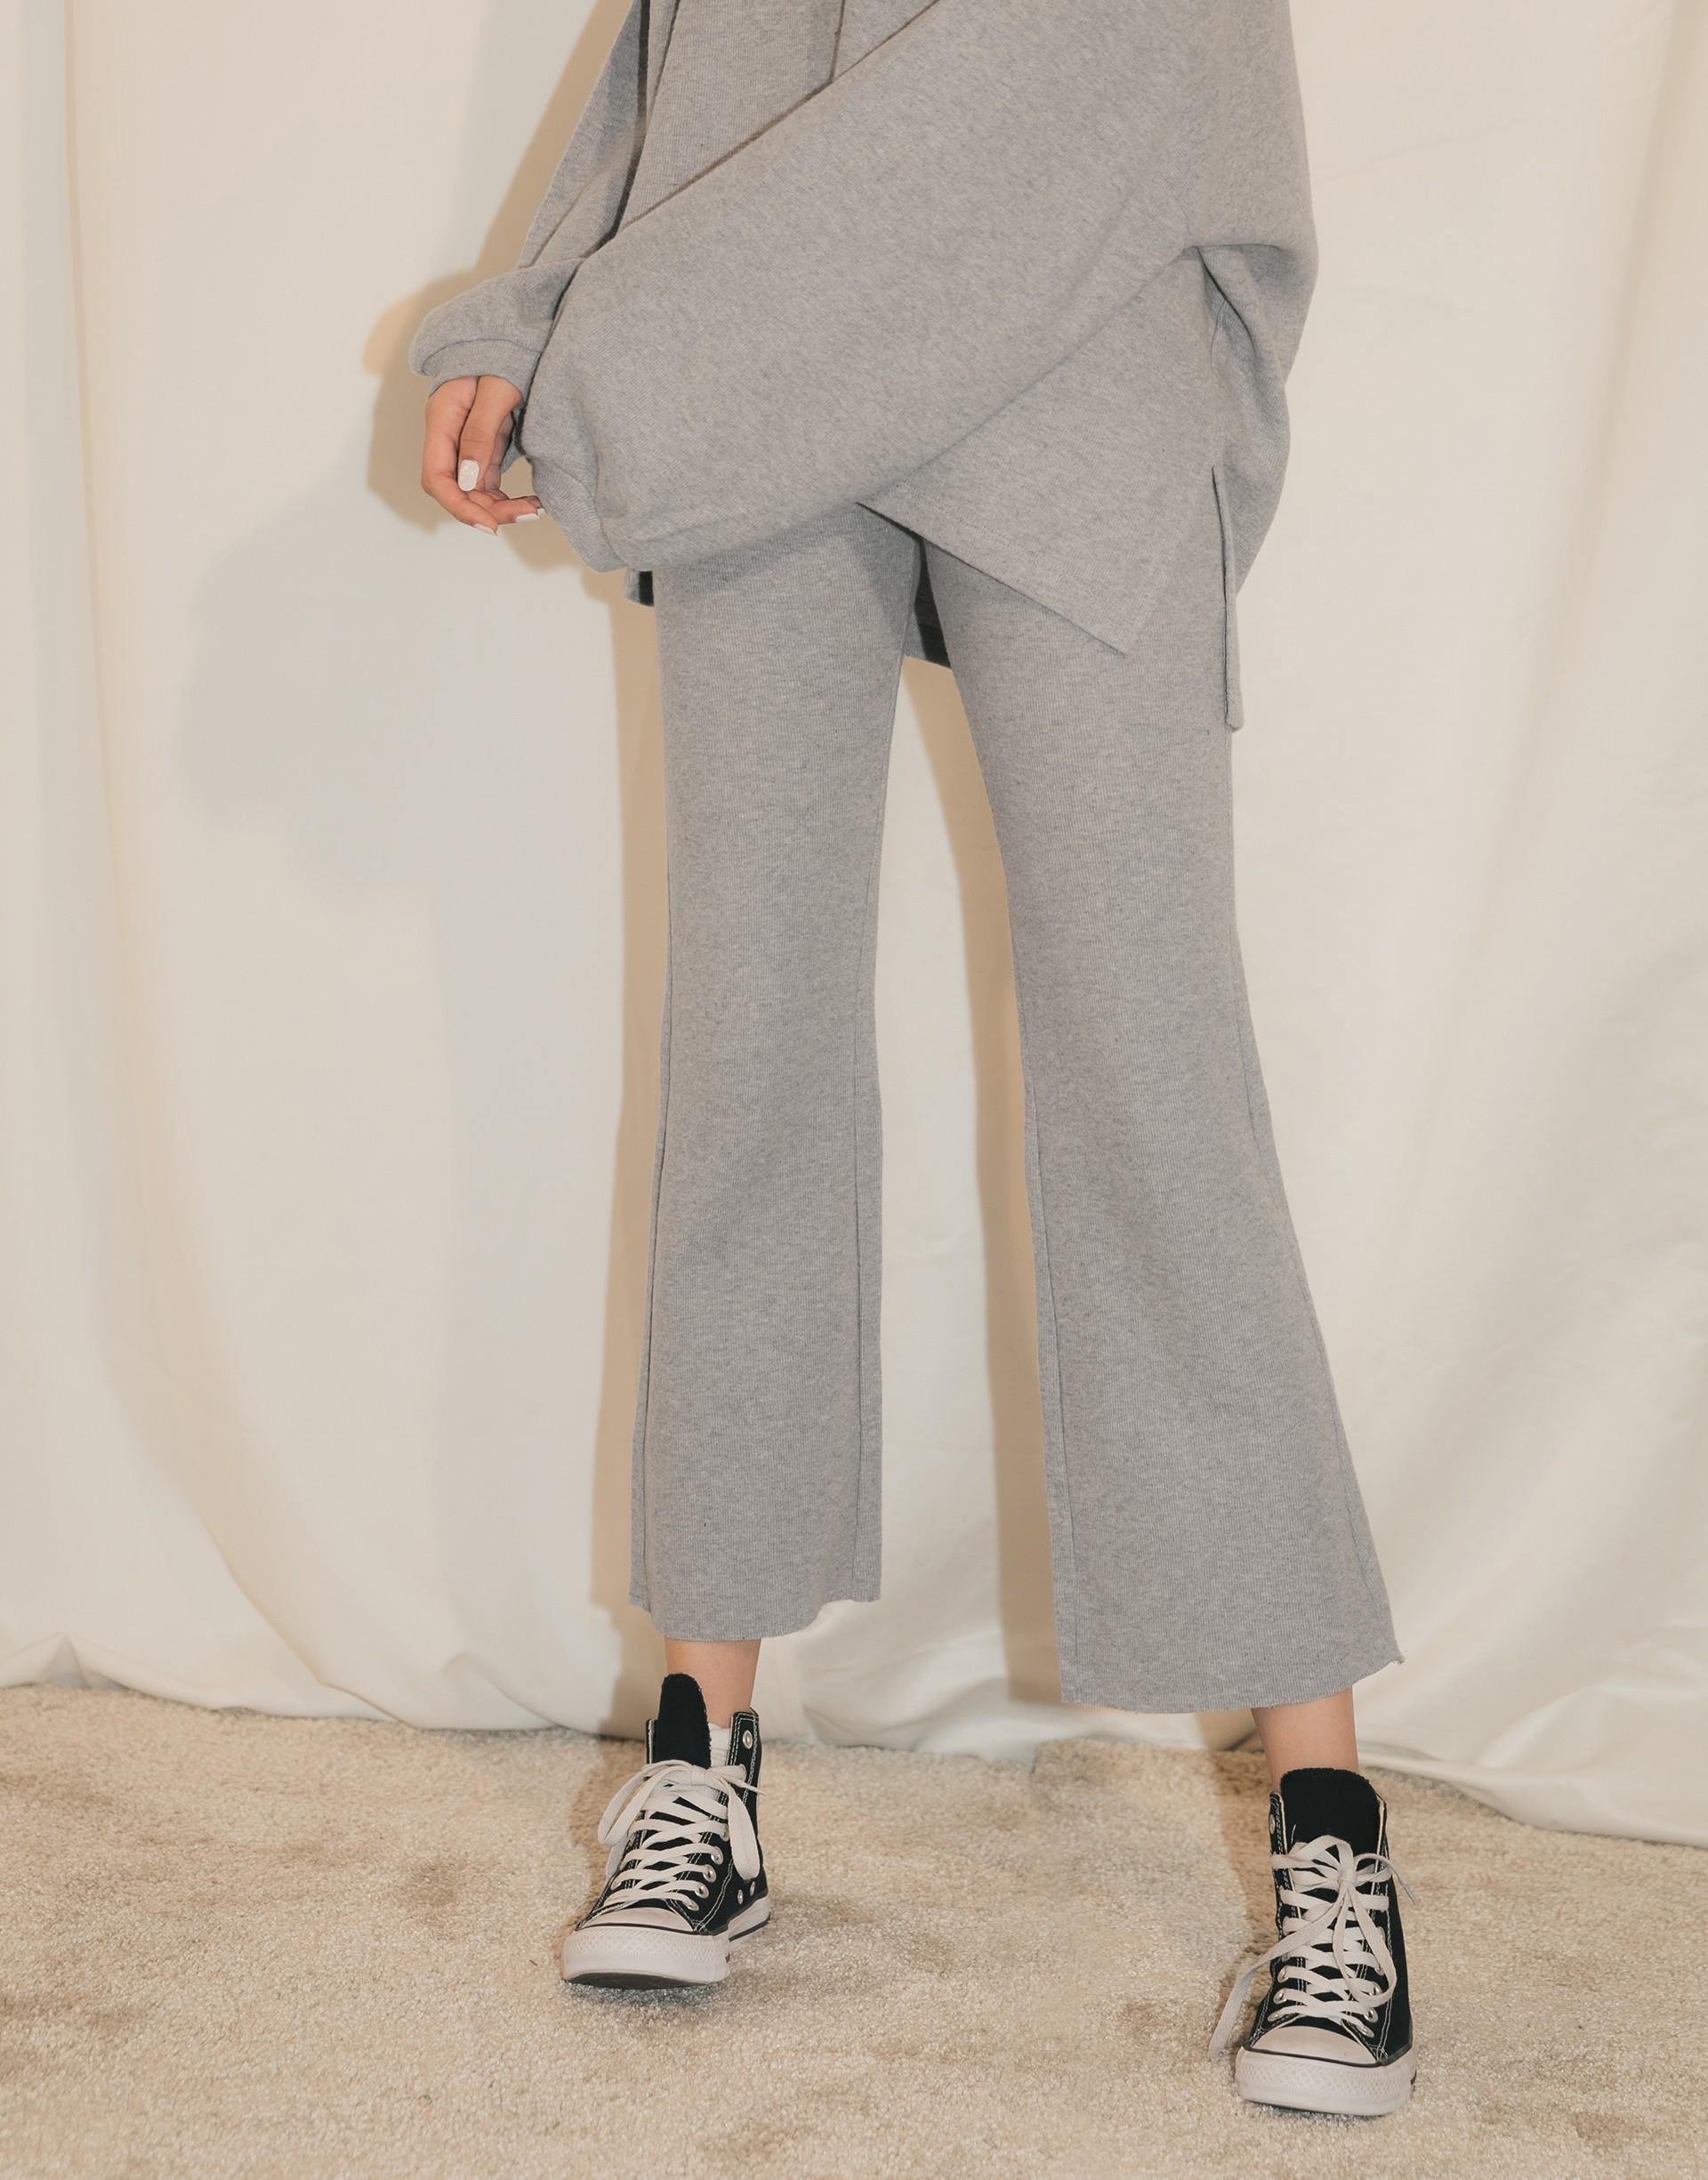 台灣製造/ PAZZO自訂開發布料 / 表面磨毛親膚舒適材質/褲子鬆緊帶設計/褲管不修邊設計